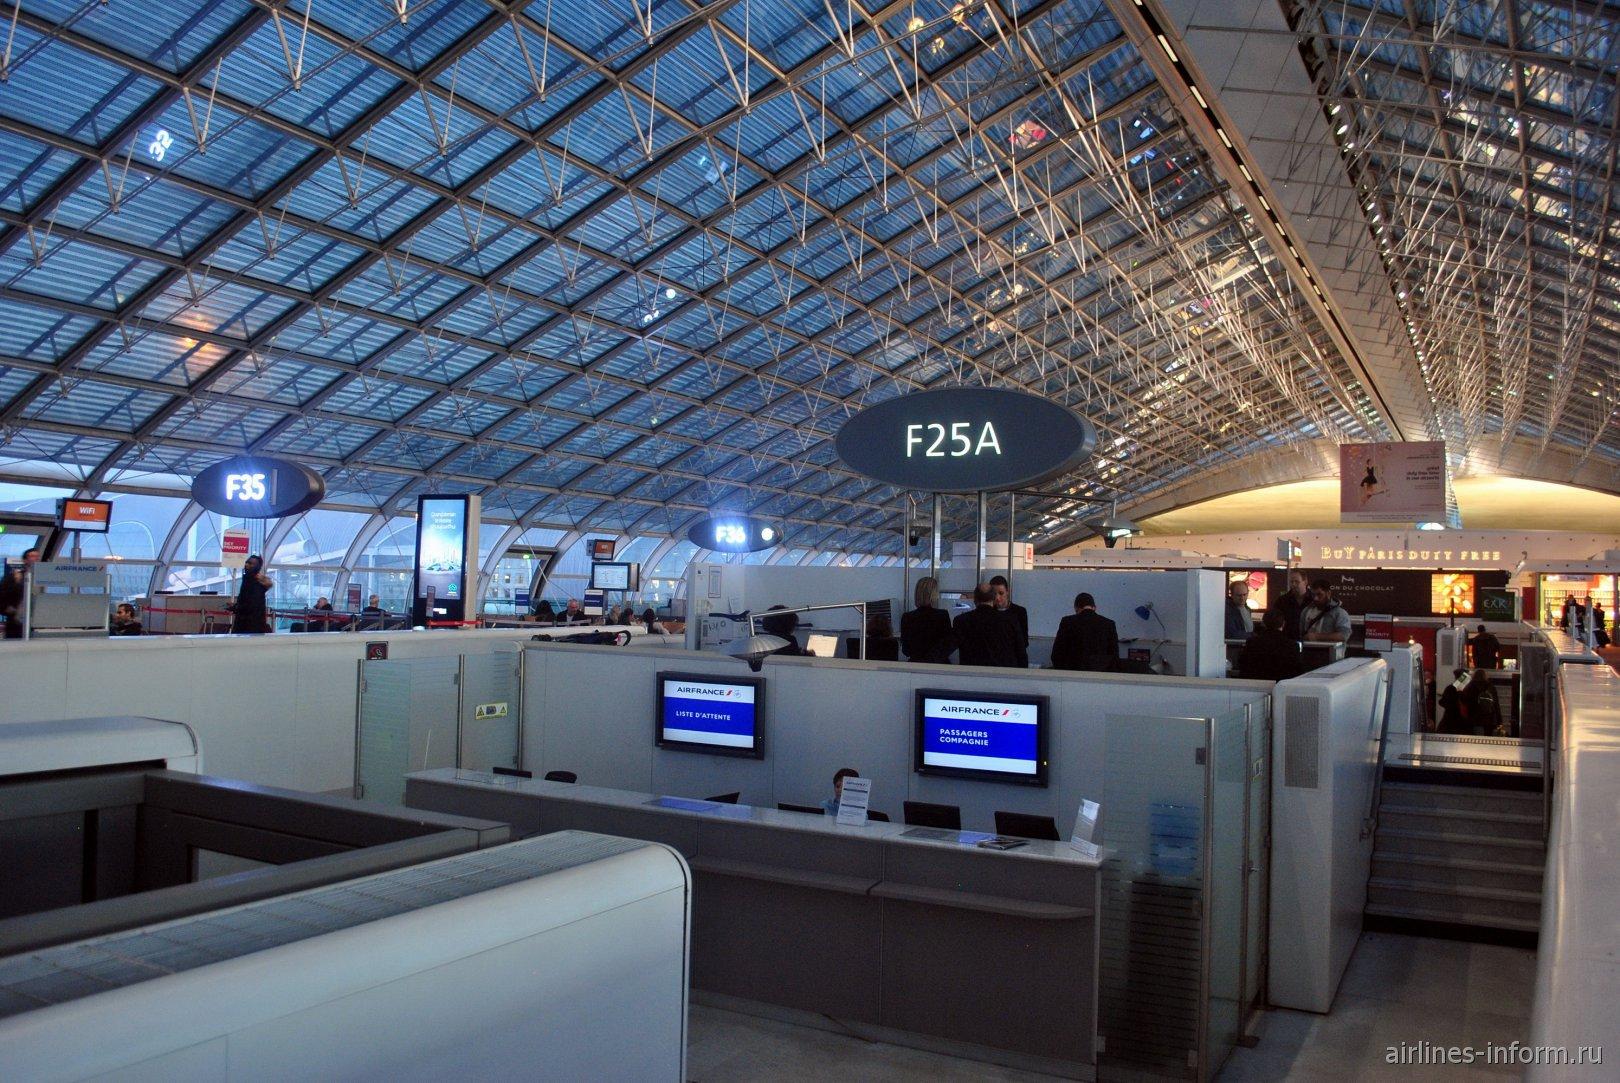 Информационная стойка Air France в конкорсе F терминала 2 аэропорта Париж Шарль-де-Голль